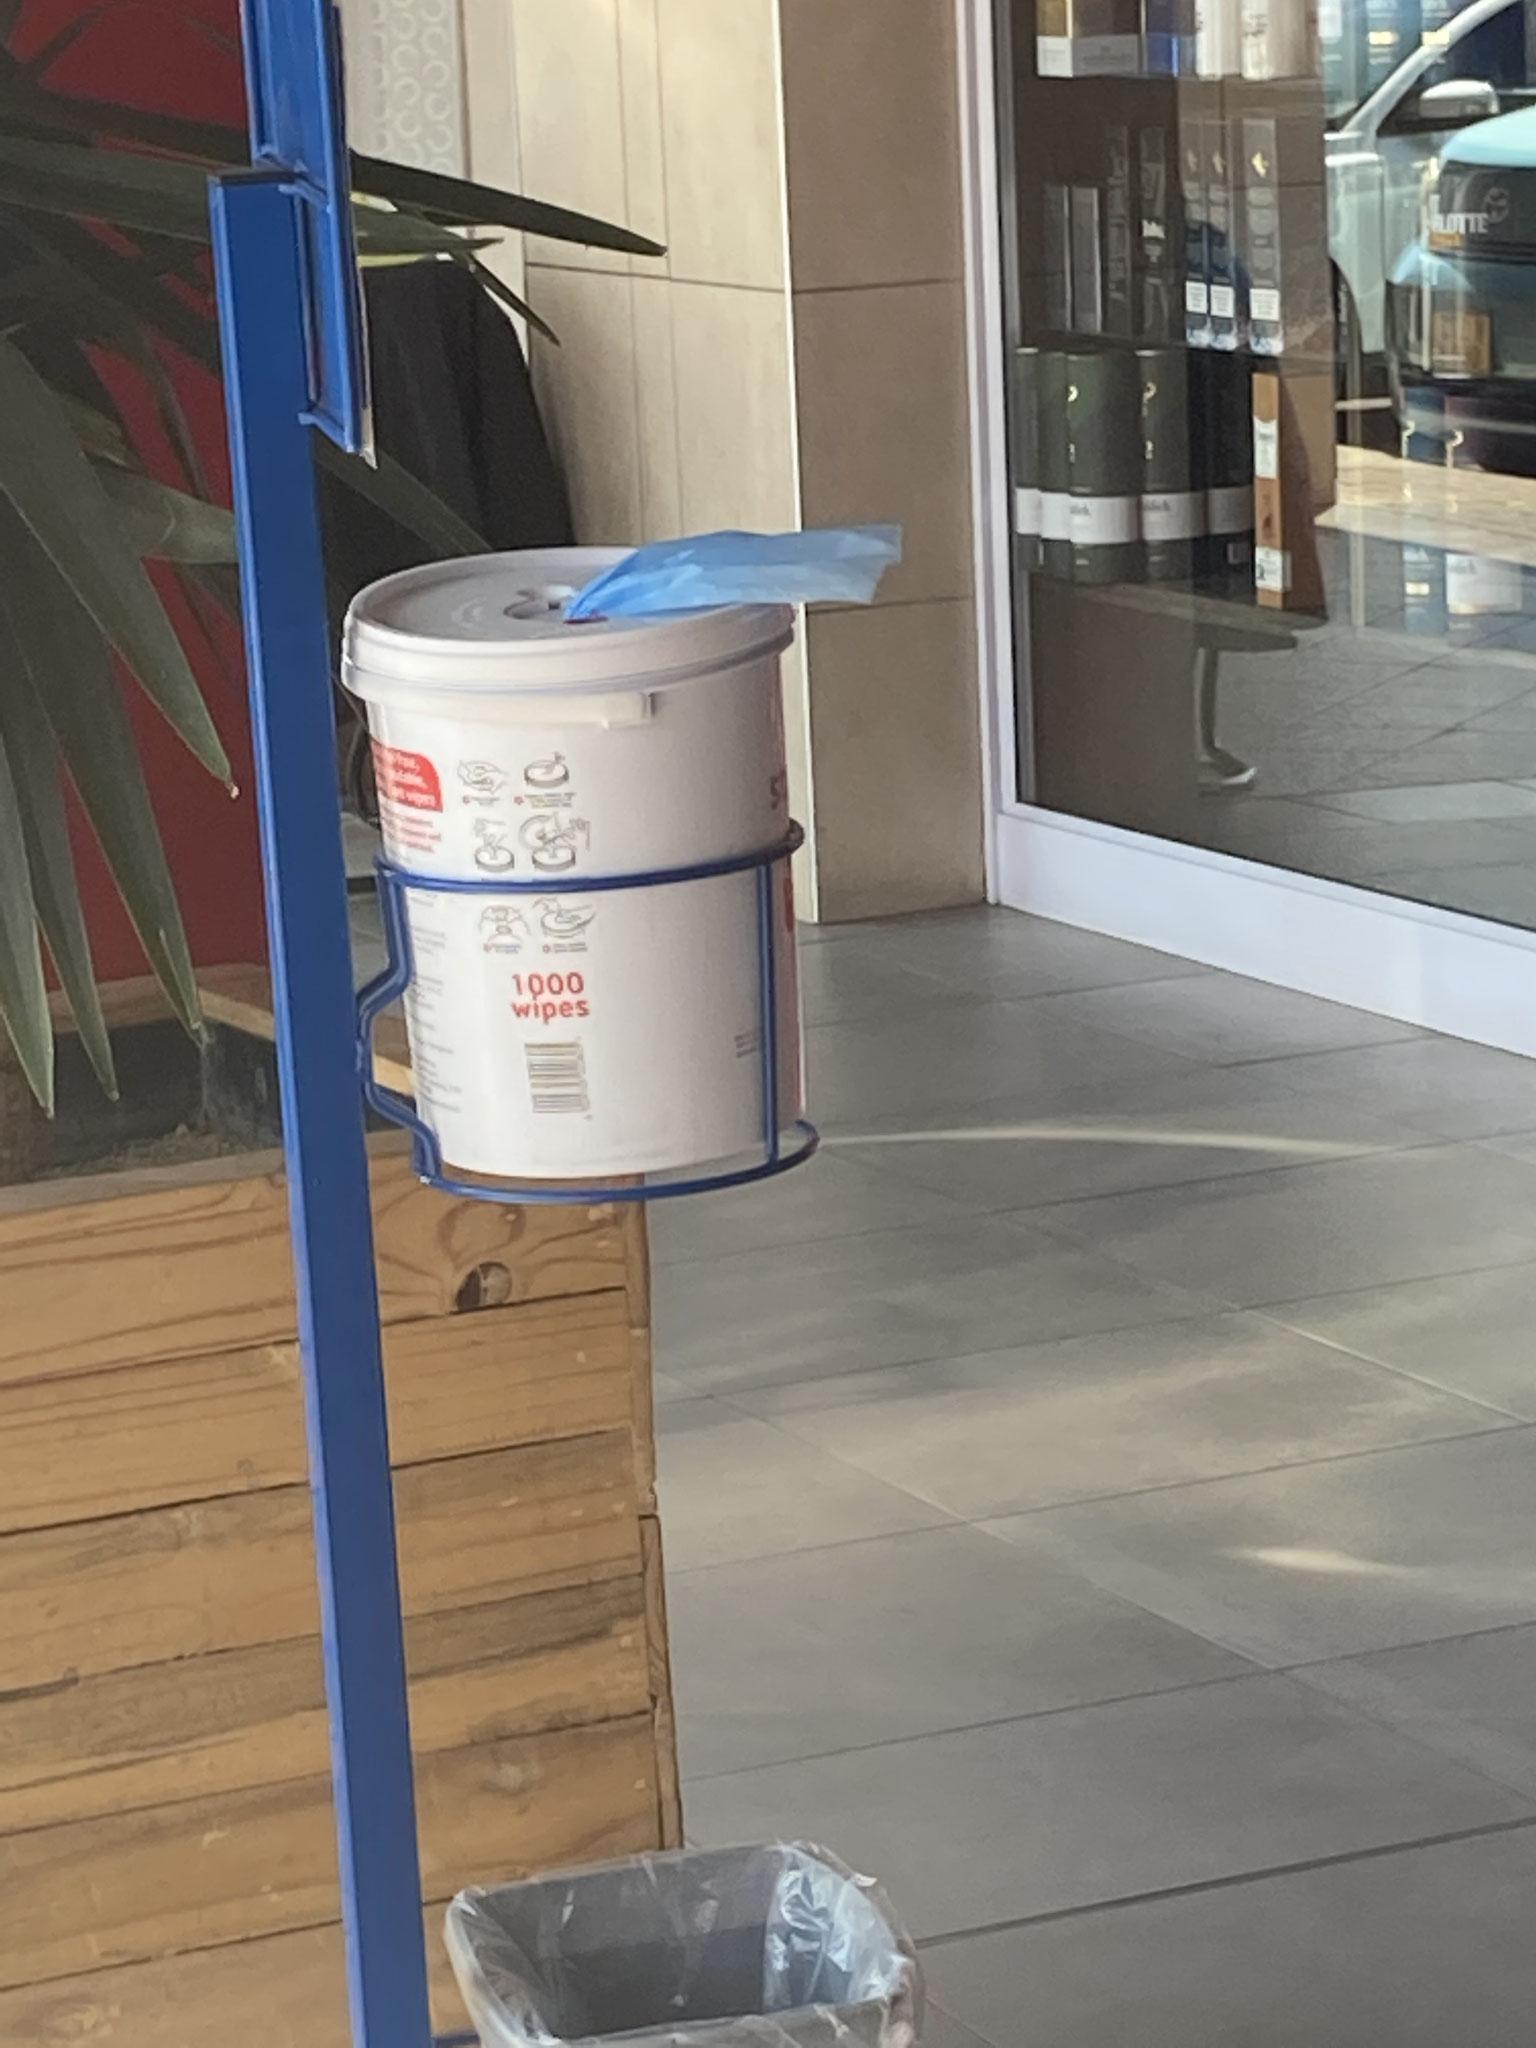 Desinfektion für den Einkaufswagen